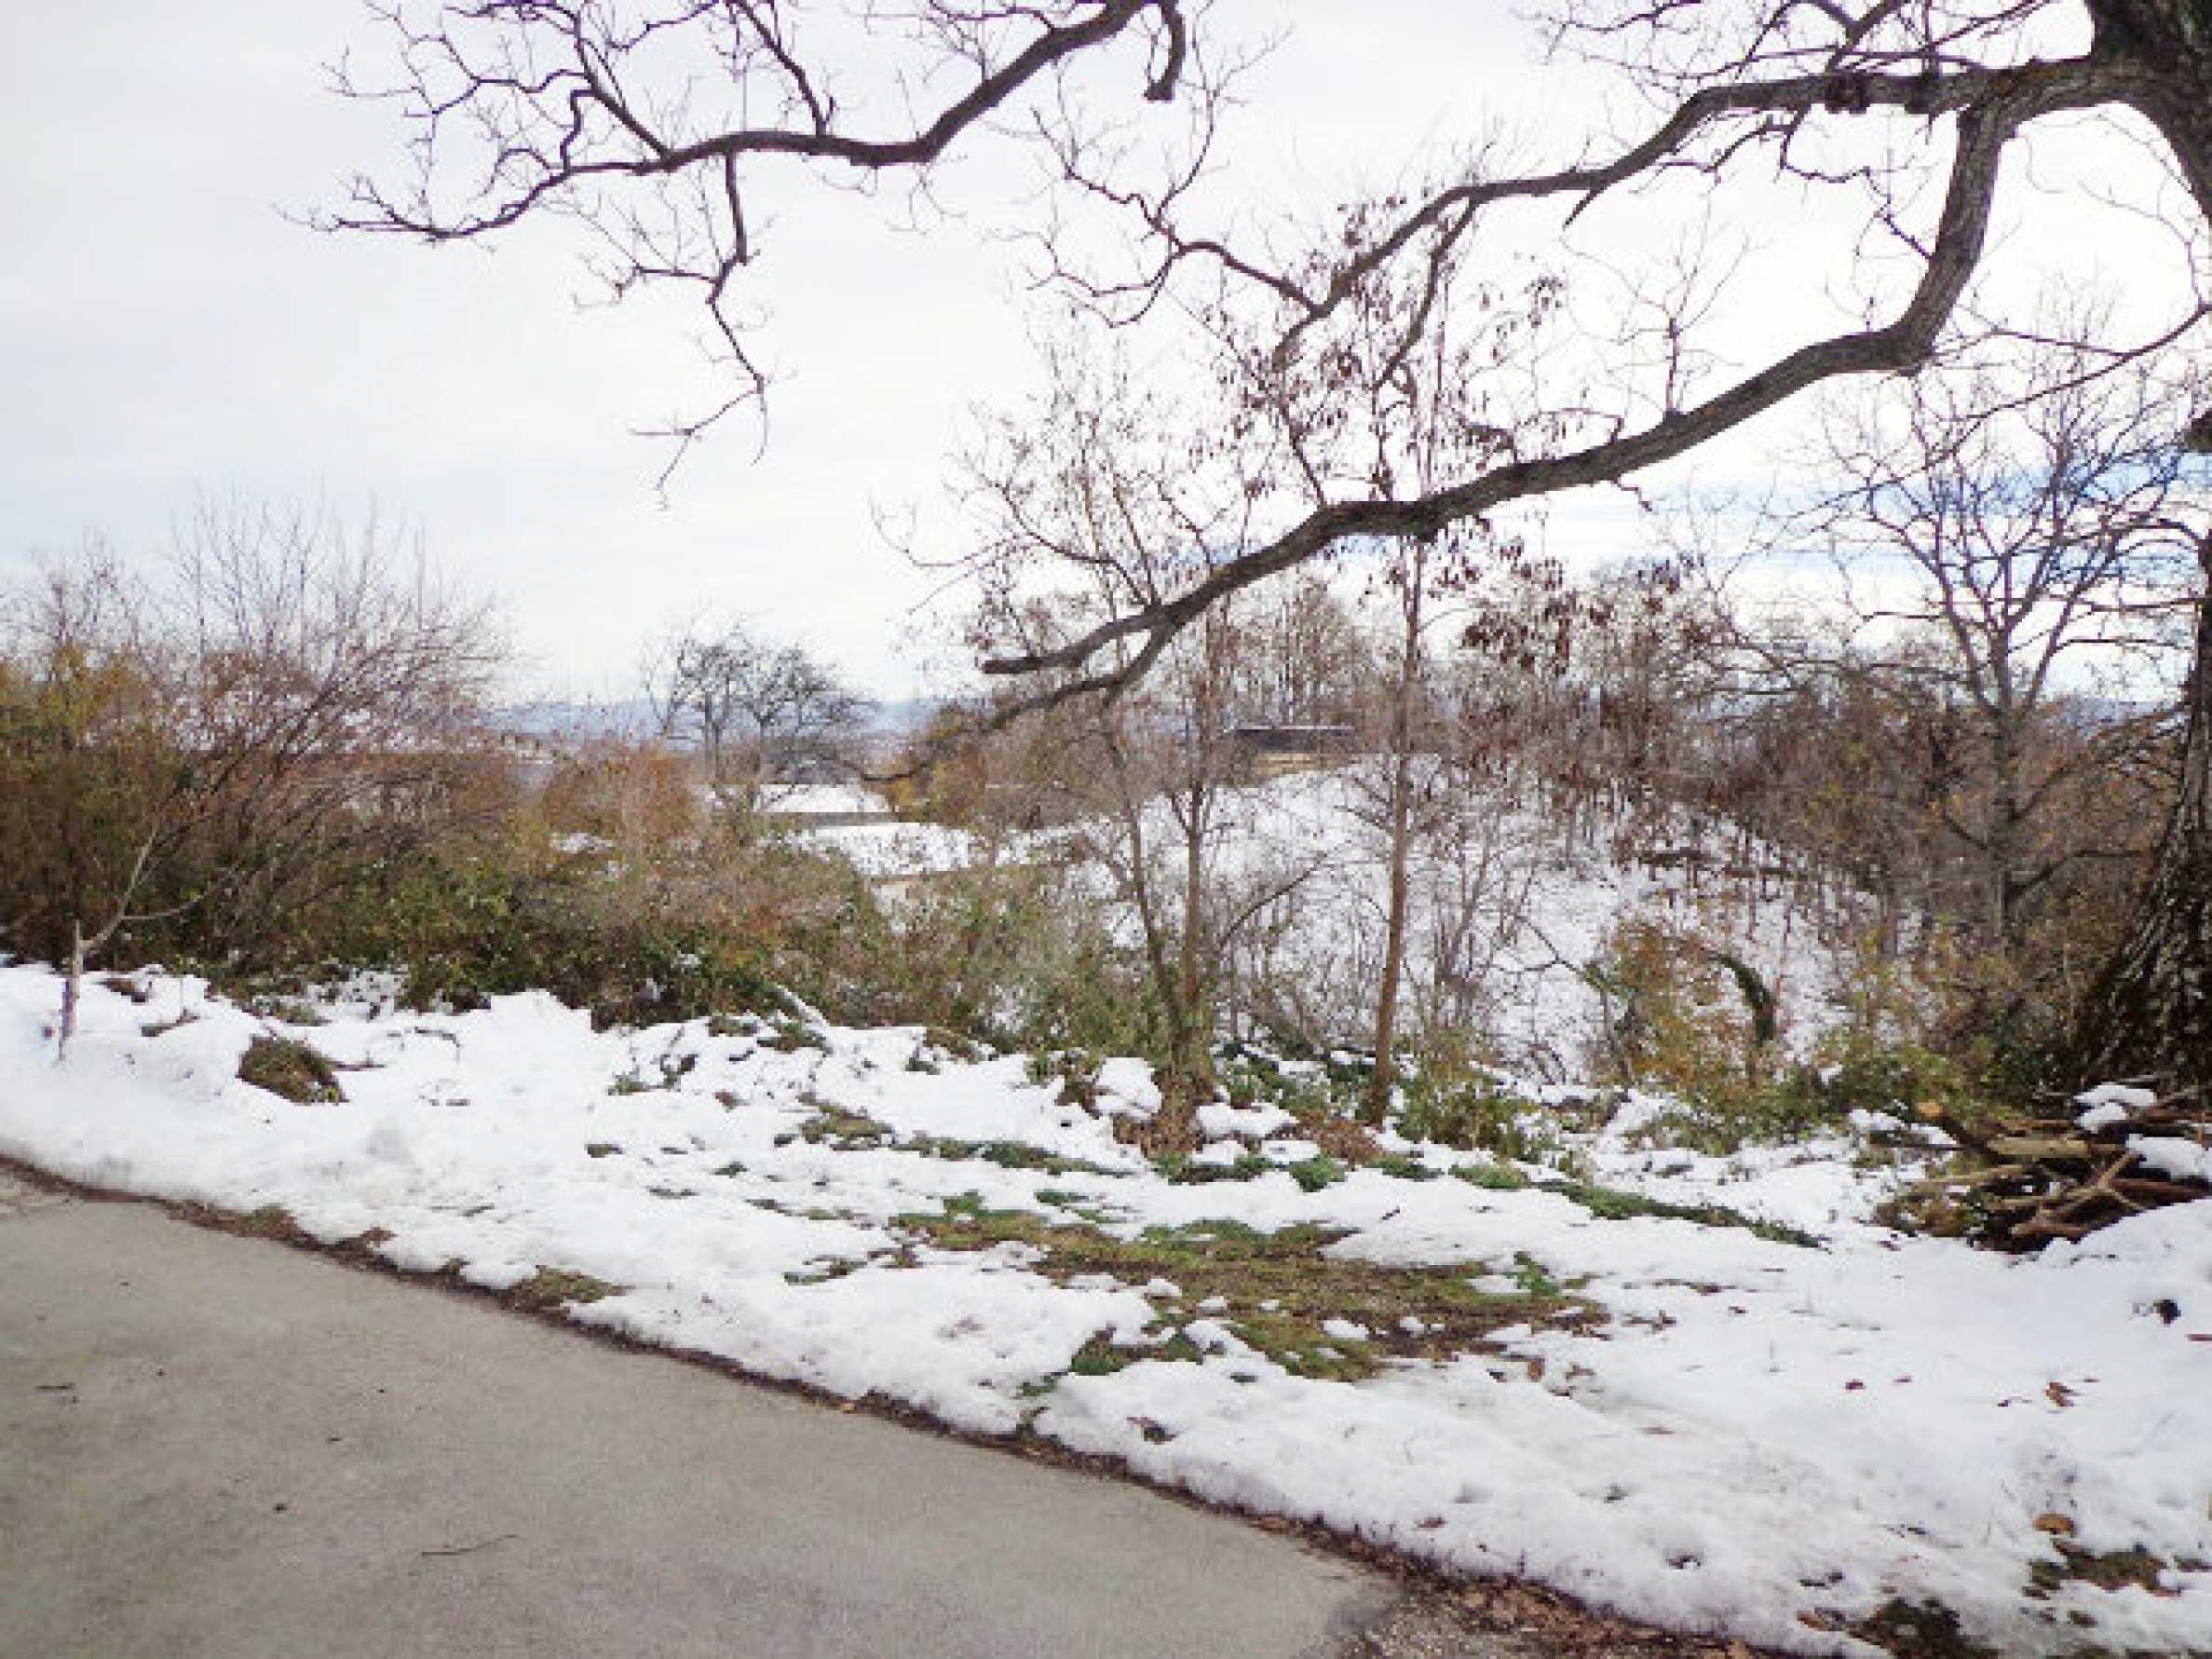 Grundstück zum Verkauf in einem Dorf 5 km von Tryavna entfernt 12